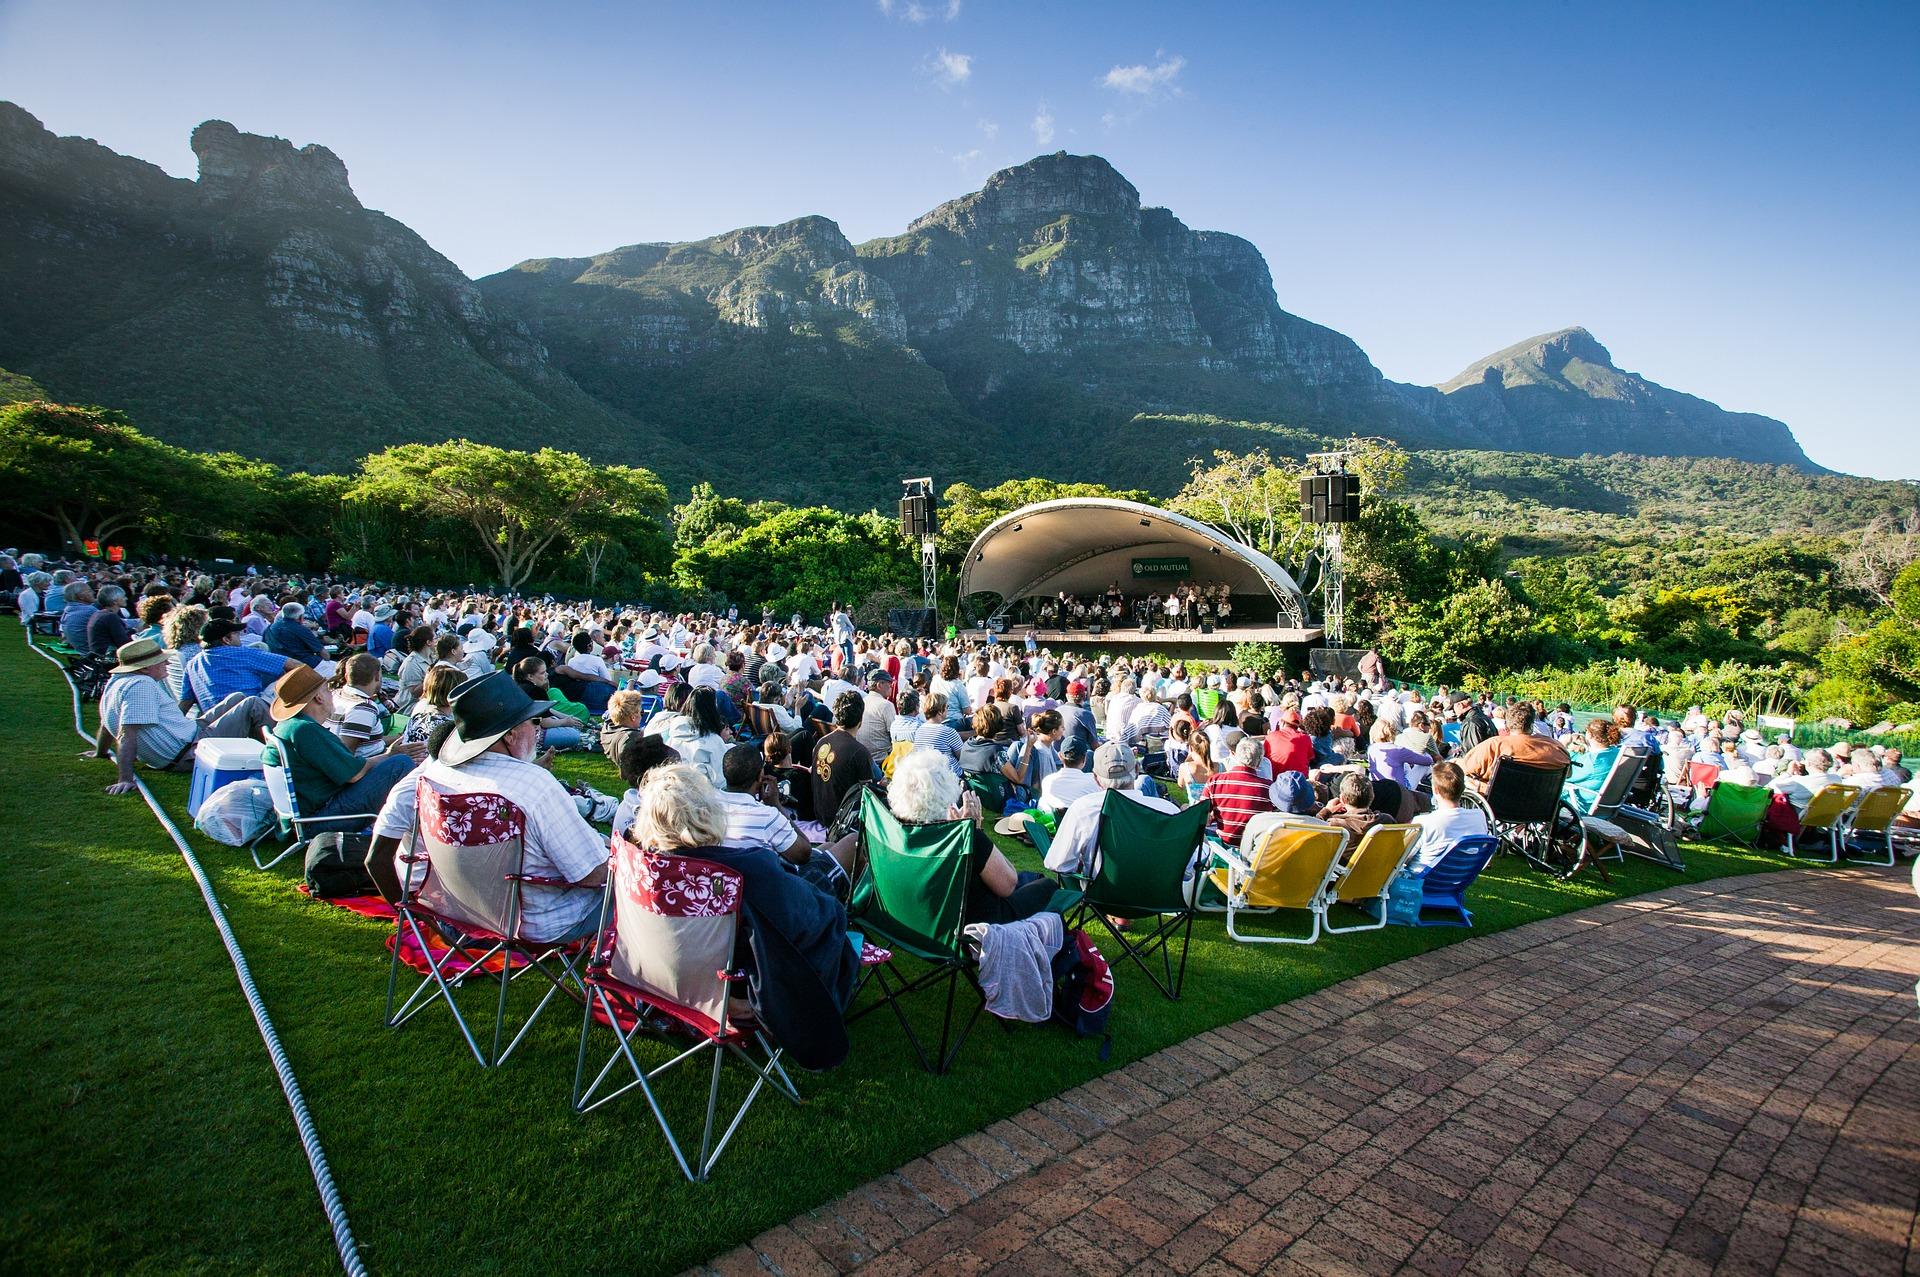 Outdoor Concert - Vibrant Arts Community